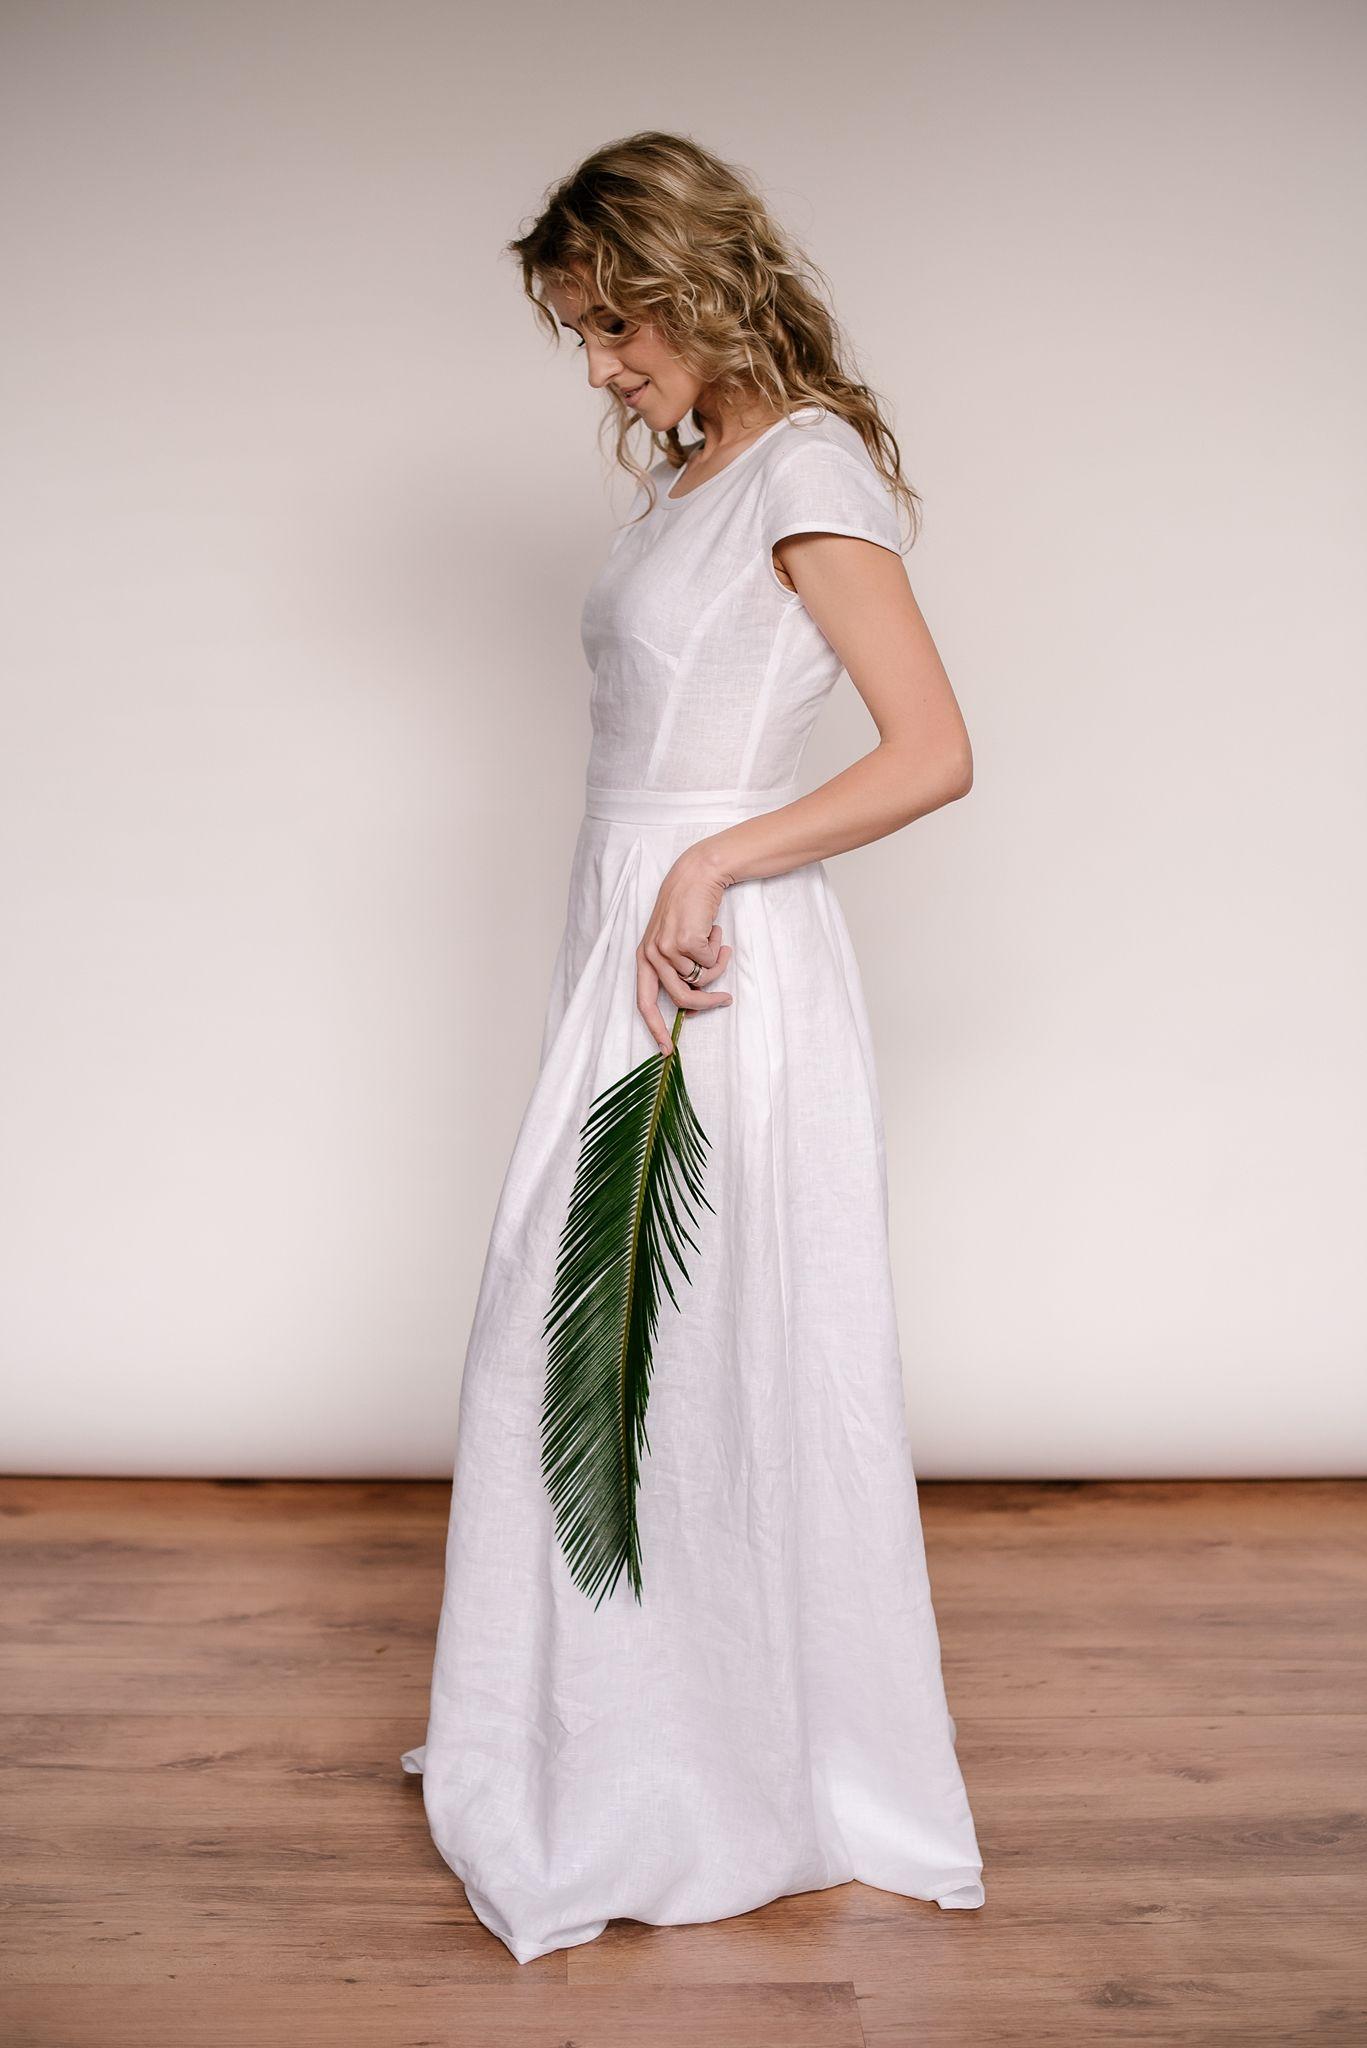 Linen modest wedding dress (With images) Linen wedding